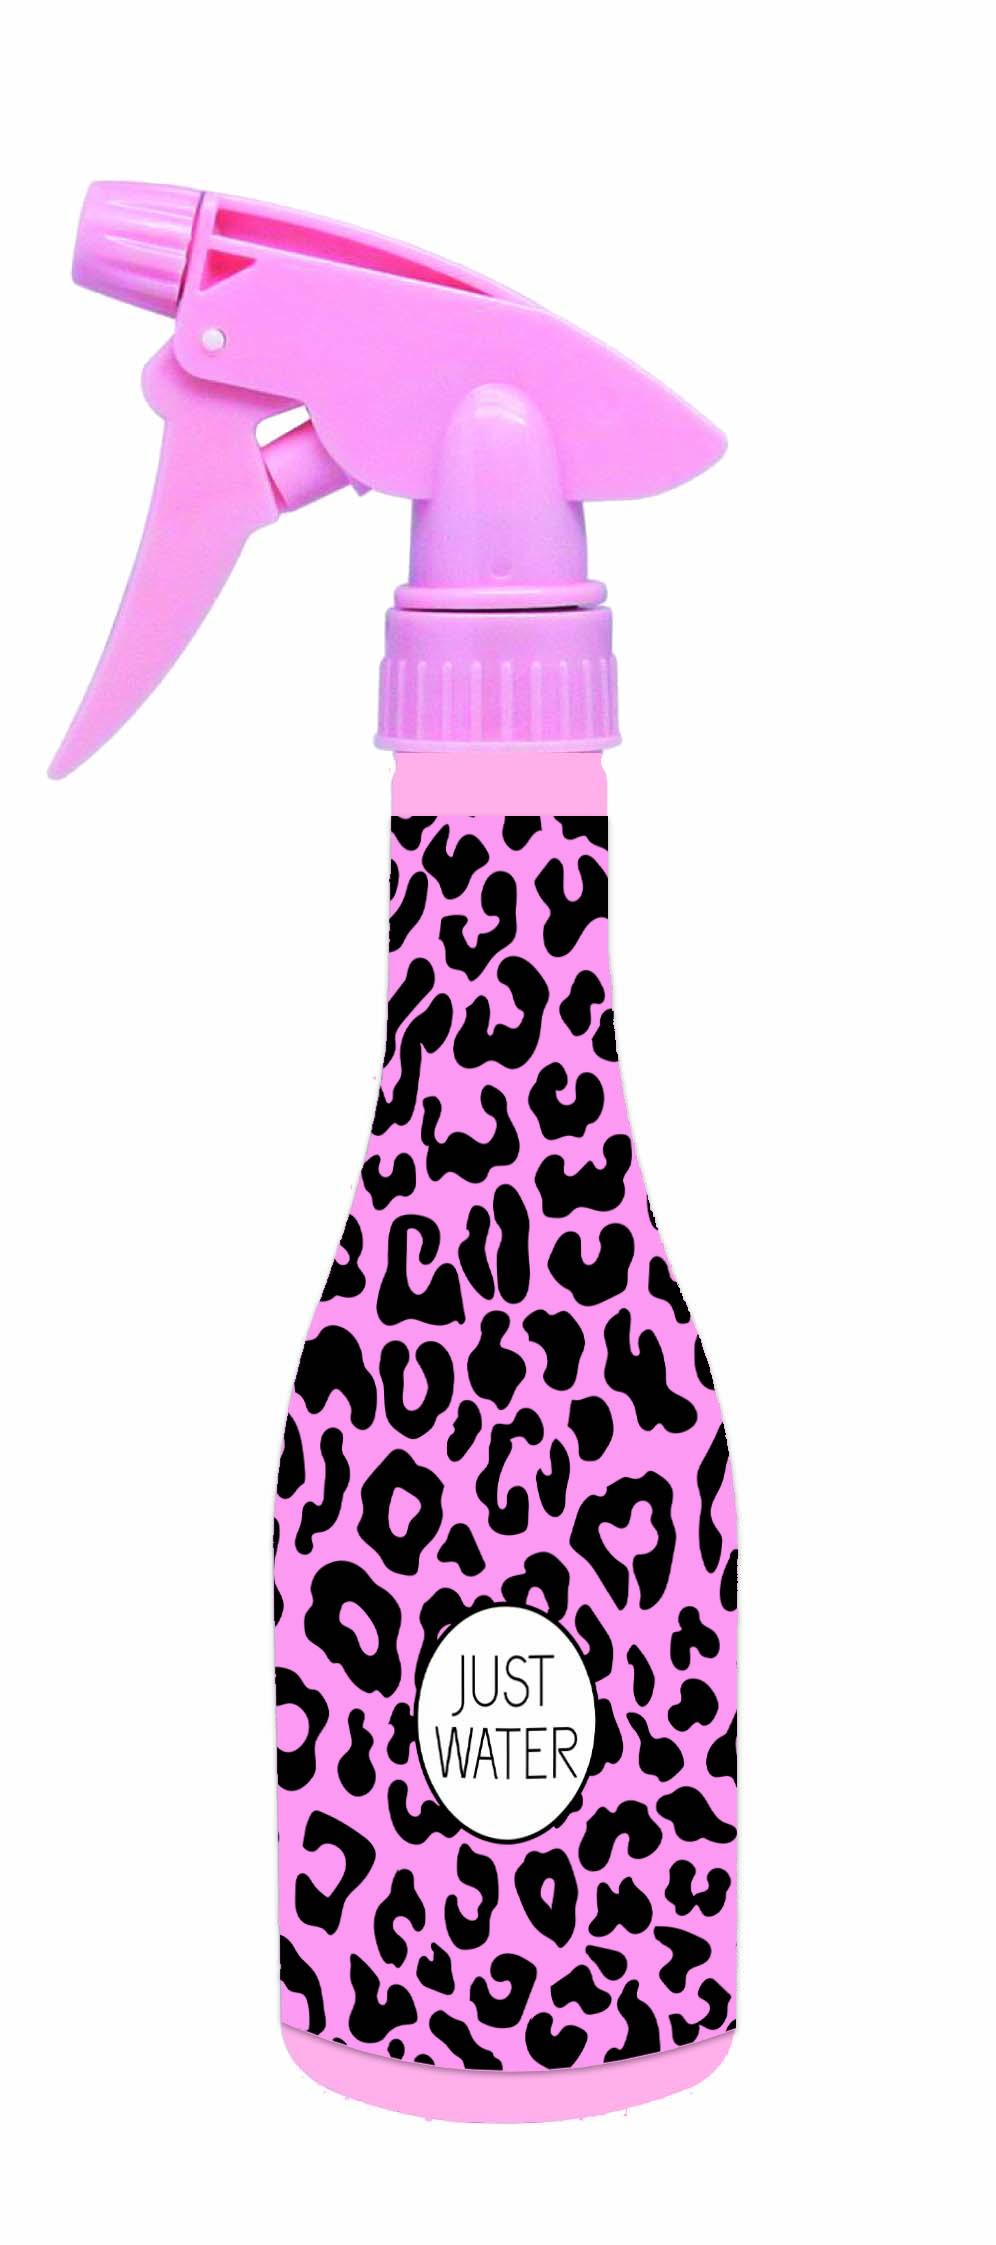 Sprühflasche Wild Pink 280ml      Wassersprühflasche